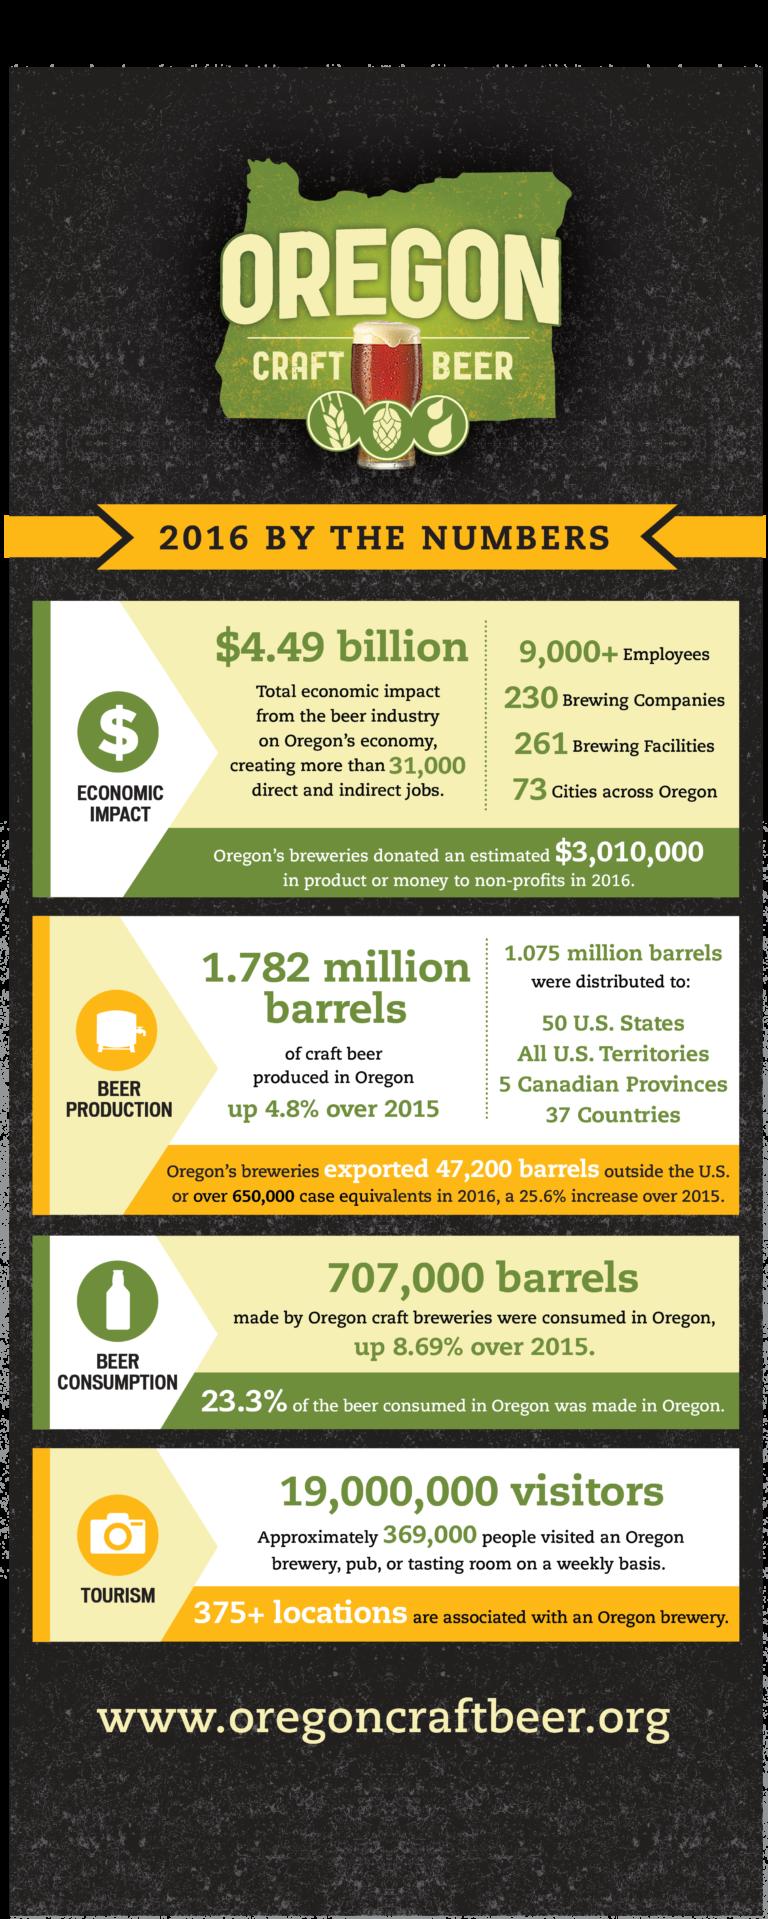 OCB-2016-Info-Stats